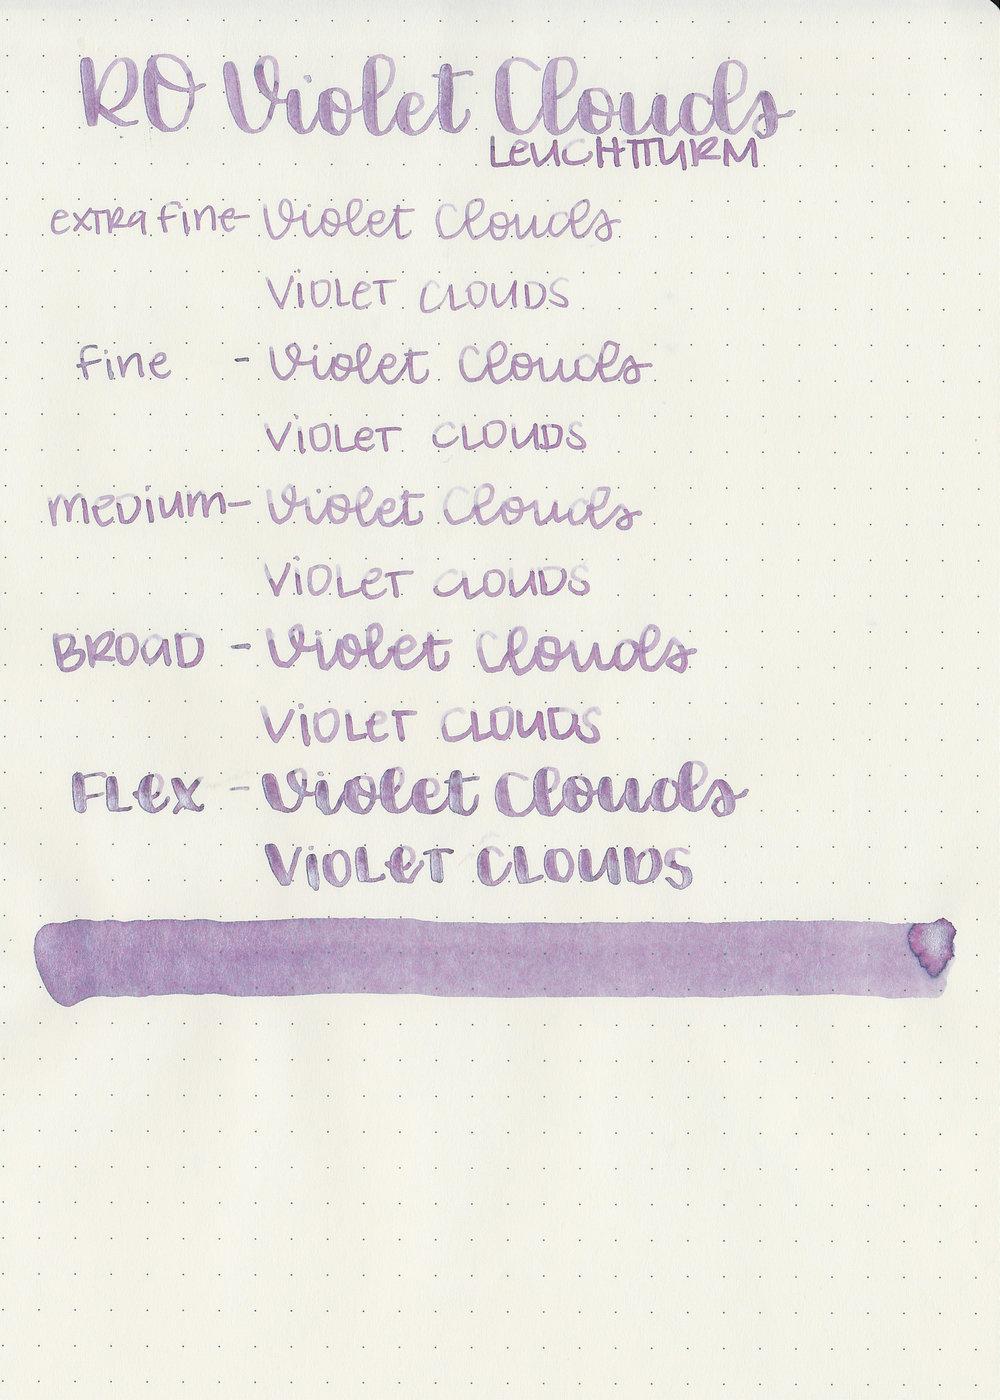 ro-violet-clouds-9.jpg